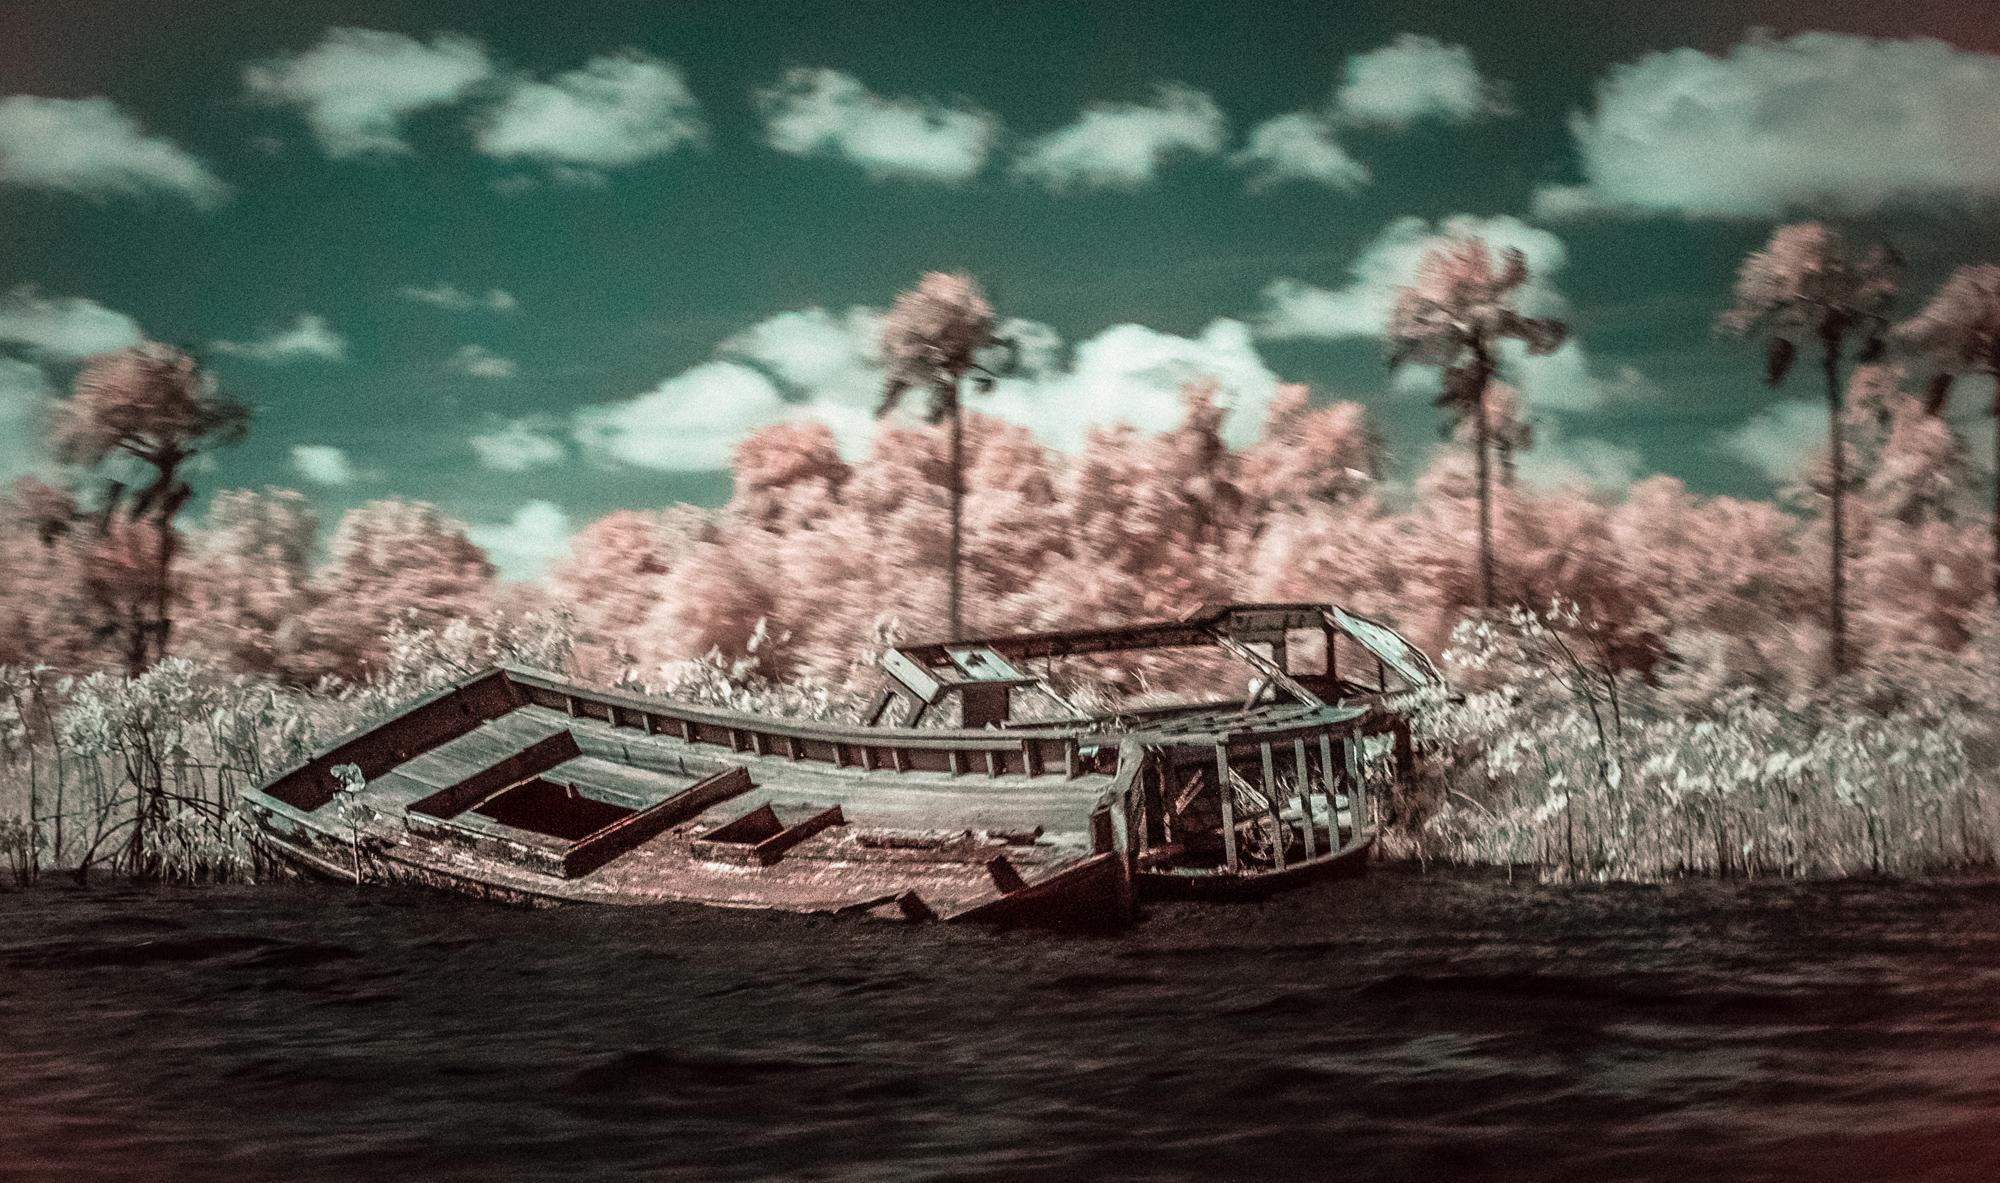 Scott_Myers_Brazil_Infrared-2-2.jpg